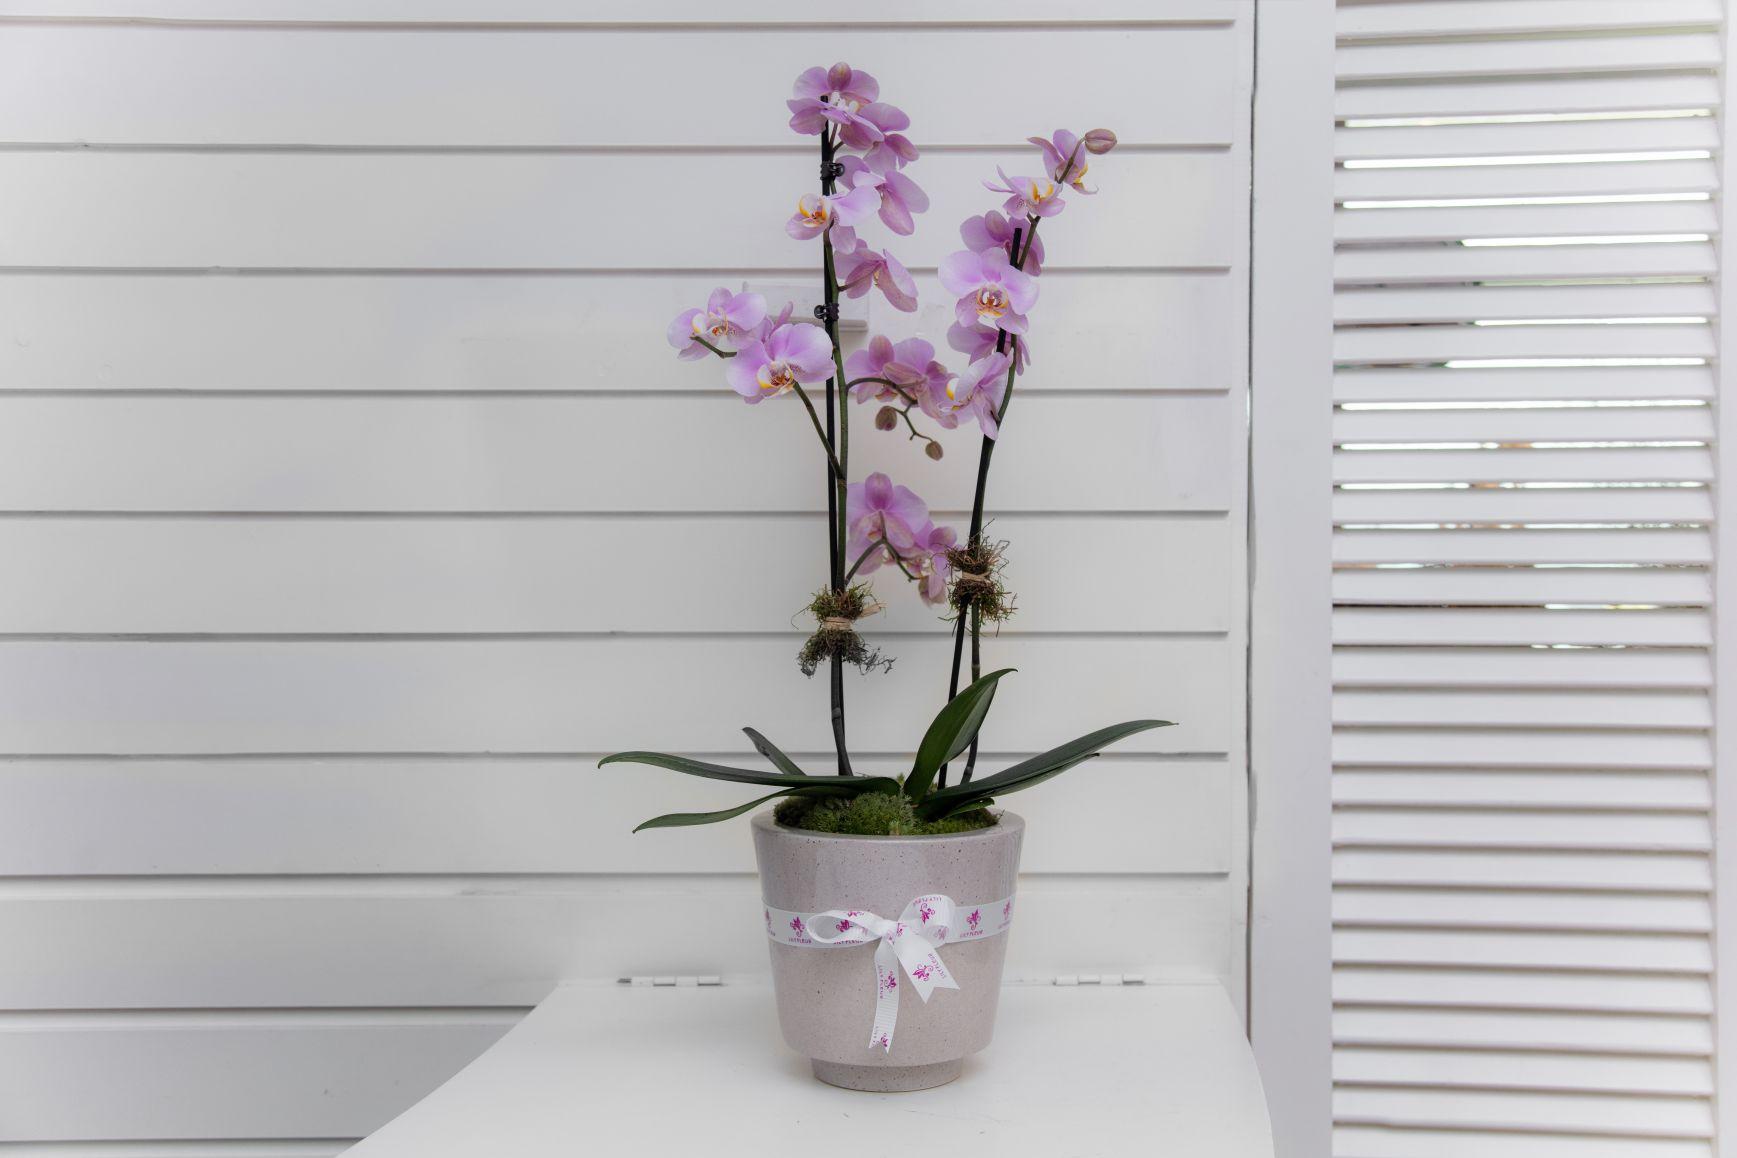 تورو 1 'زهور مع قاعدة'